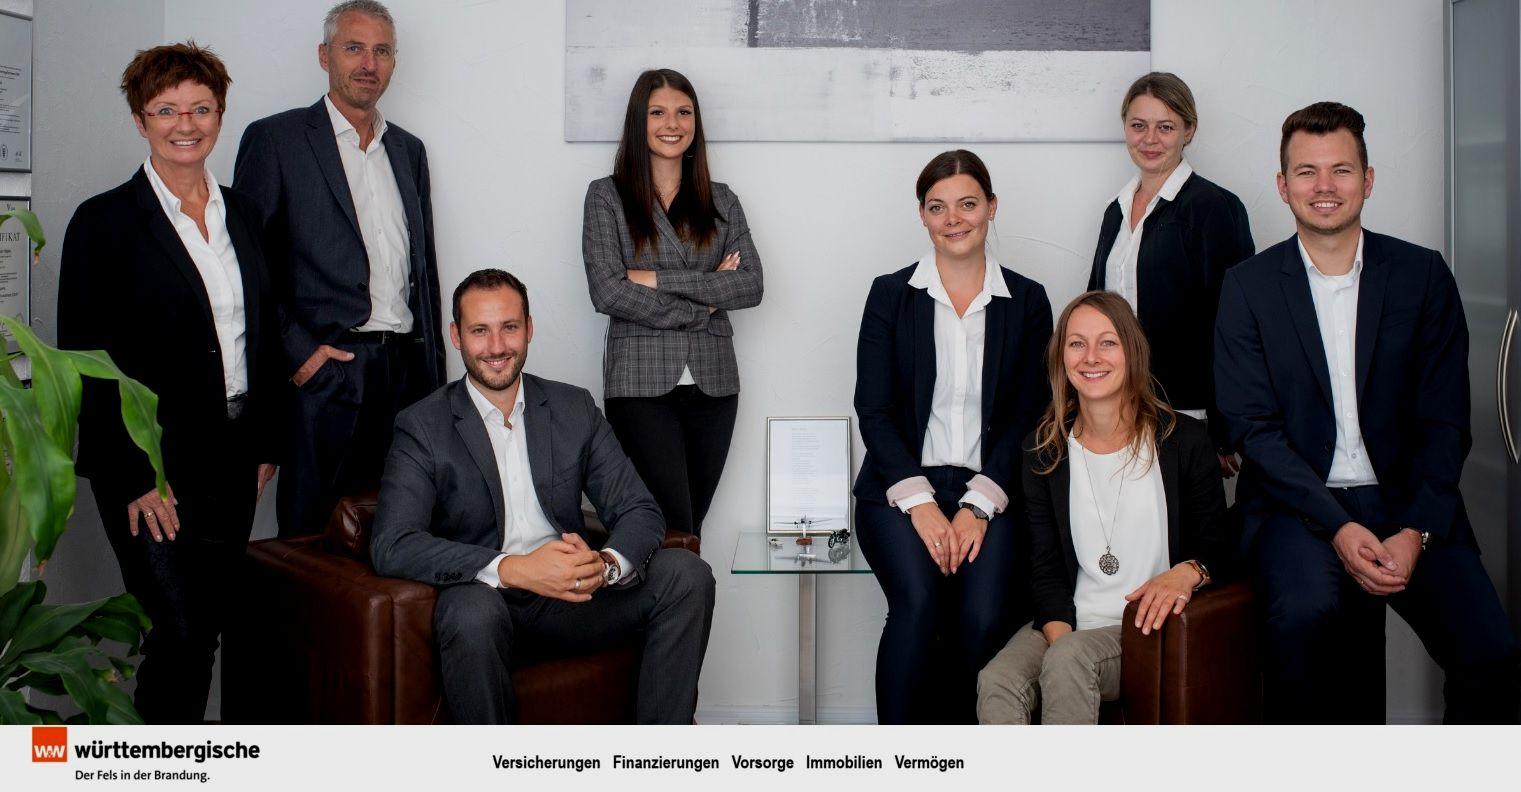 agentur HÄGELE Wüstenrot & Württembergische